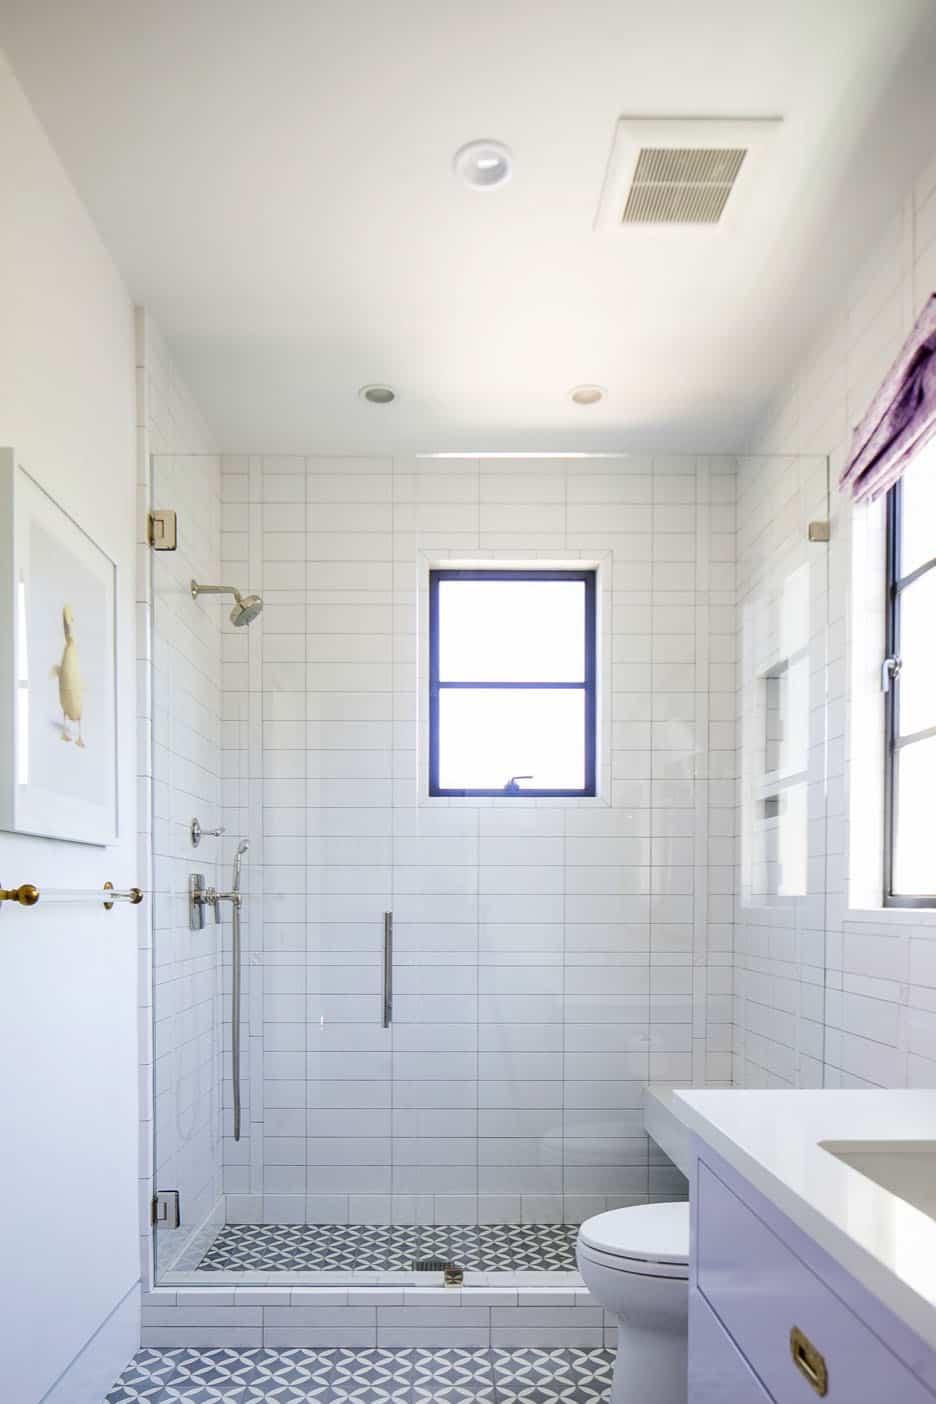 salle de bain moderne pour enfants au milieu du siècle